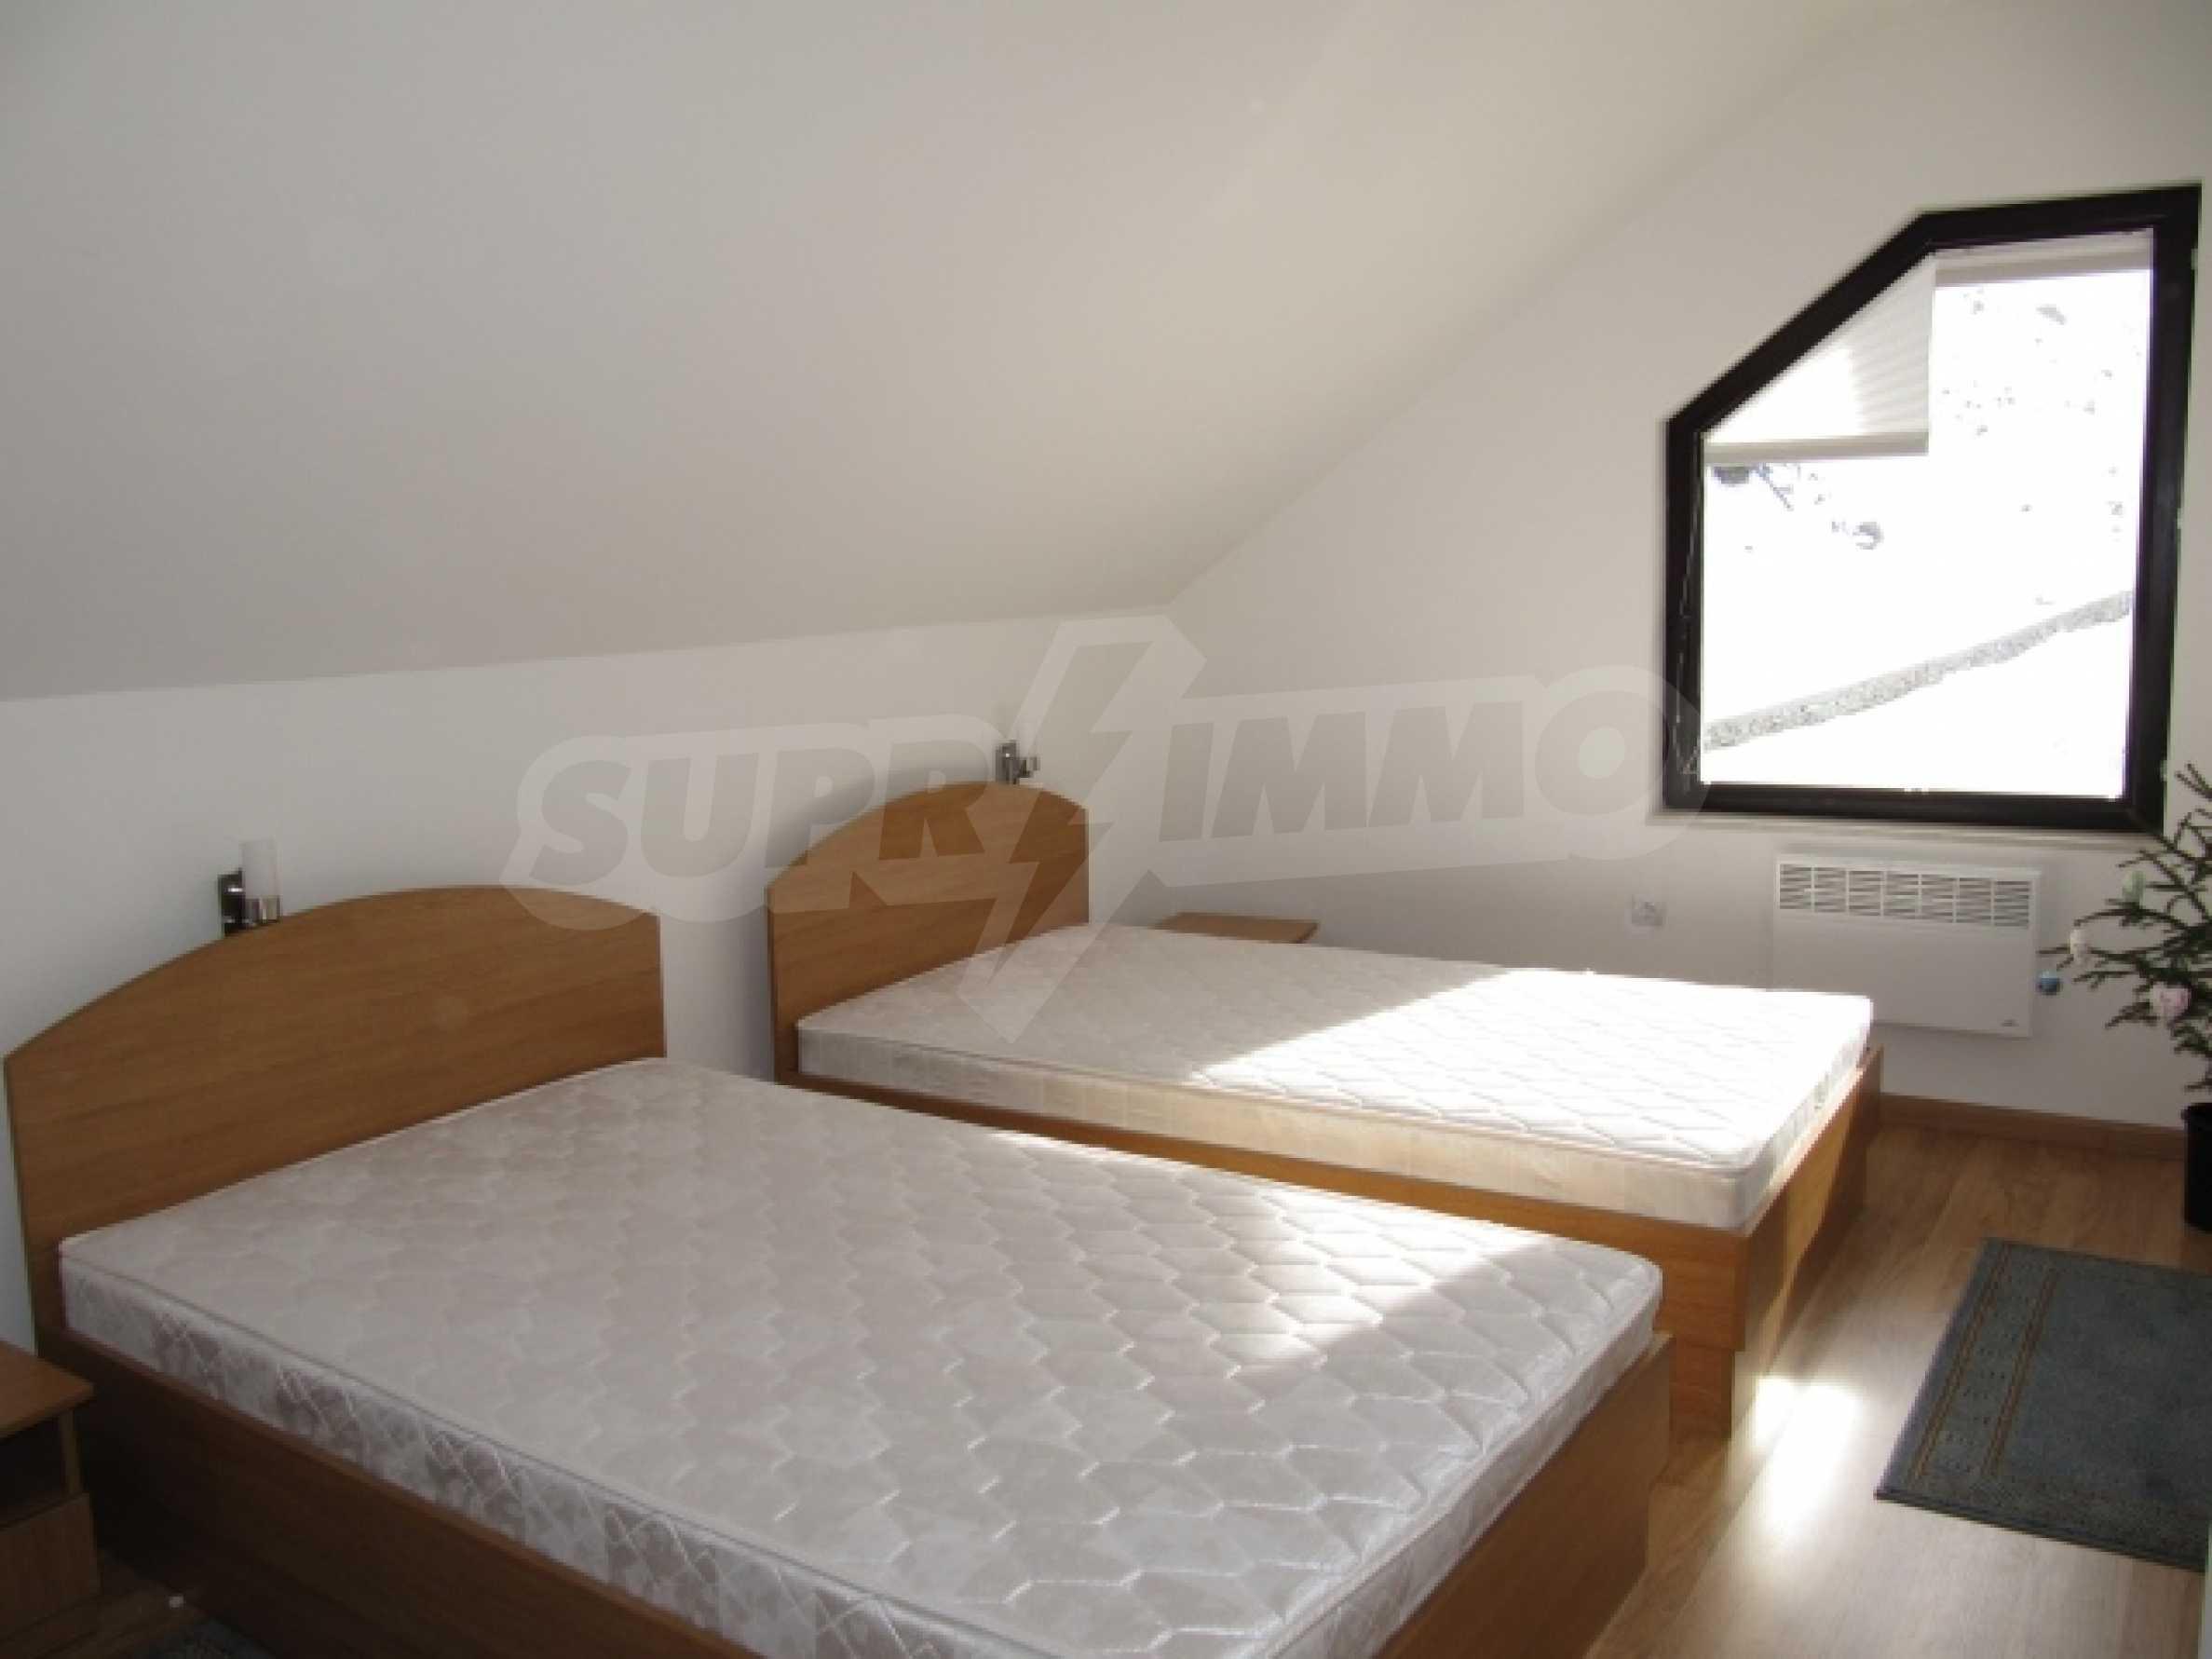 Трехкомнатная квартира на продажу в горнолыжном курорте Пампорово 13